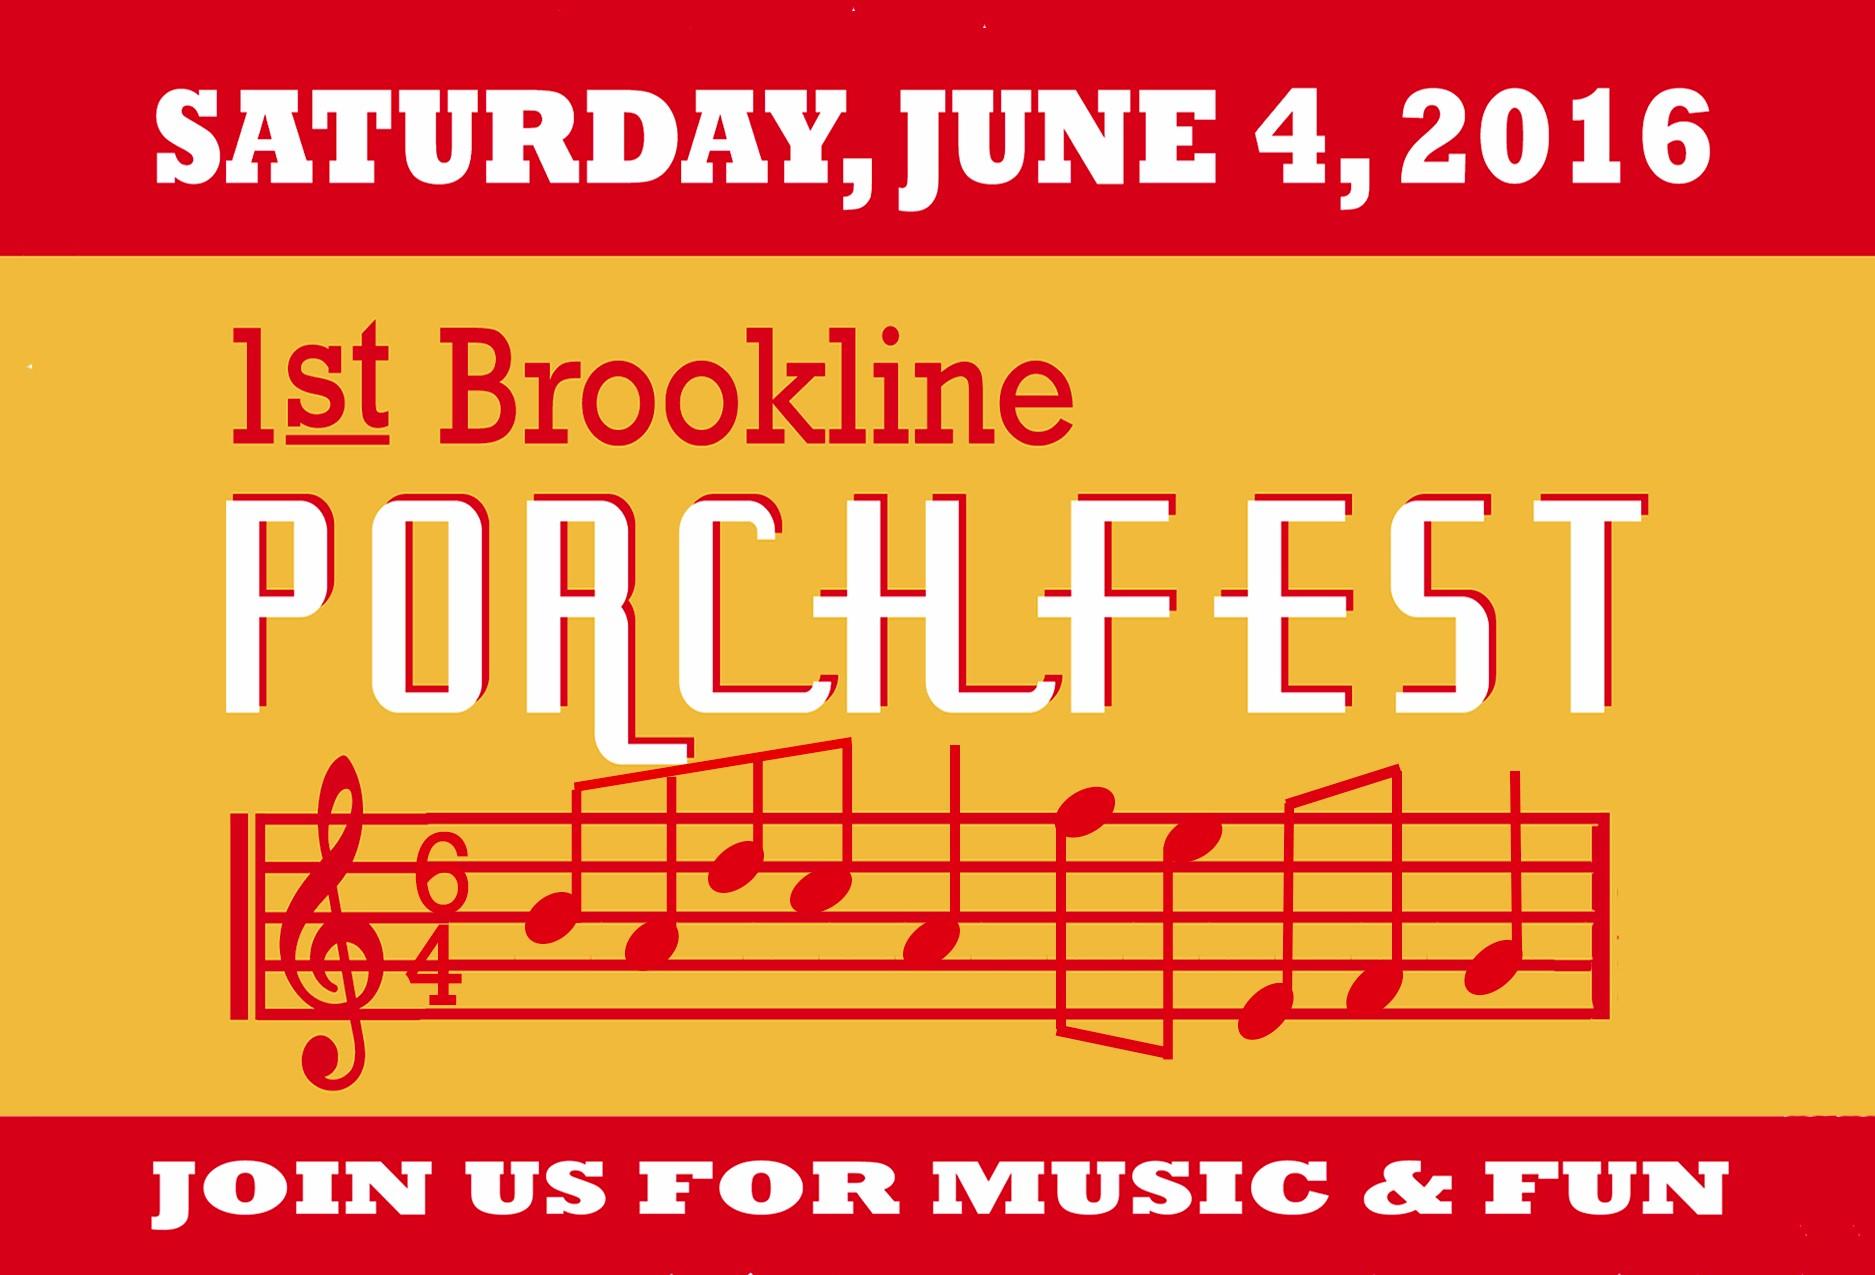 Brookline Porchfest 2016